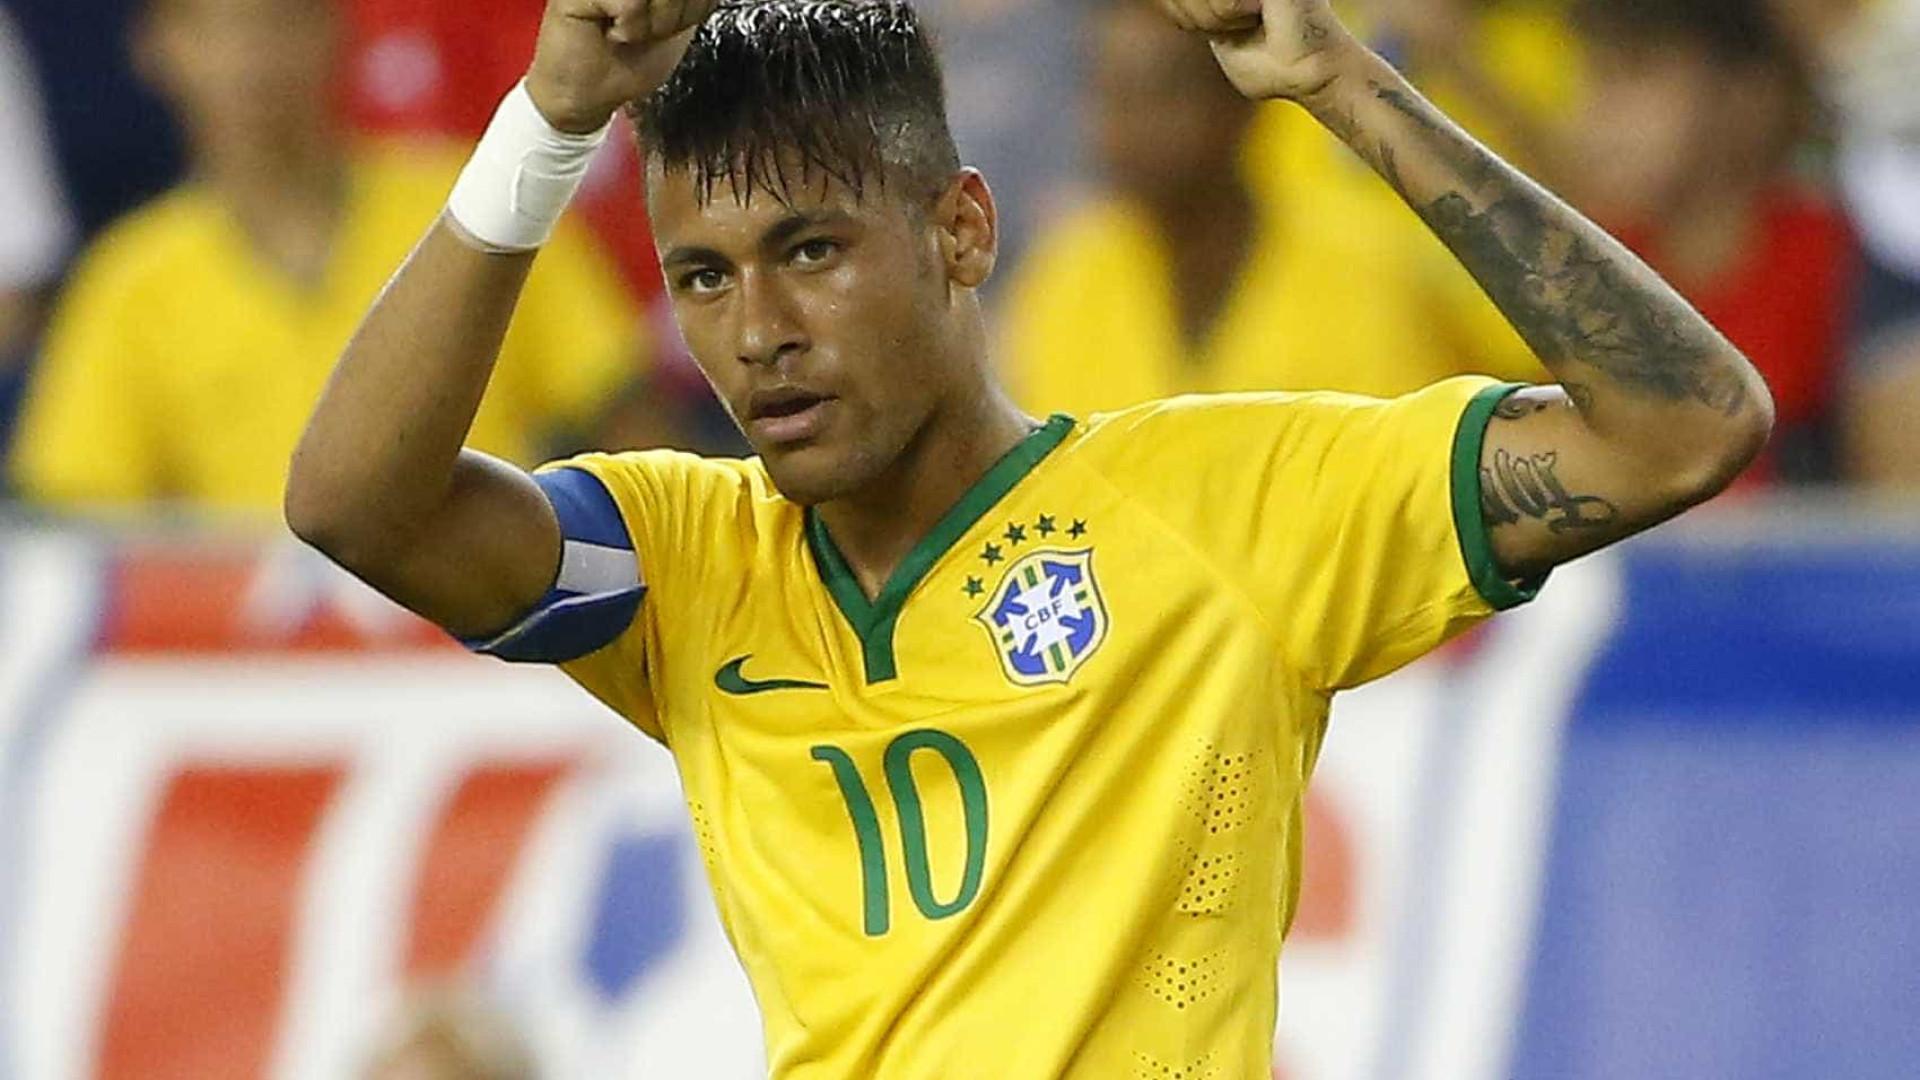 ae8c15bb4a Neymar pode ser eleito como capitão da seleção nos Jogos Olímpicos